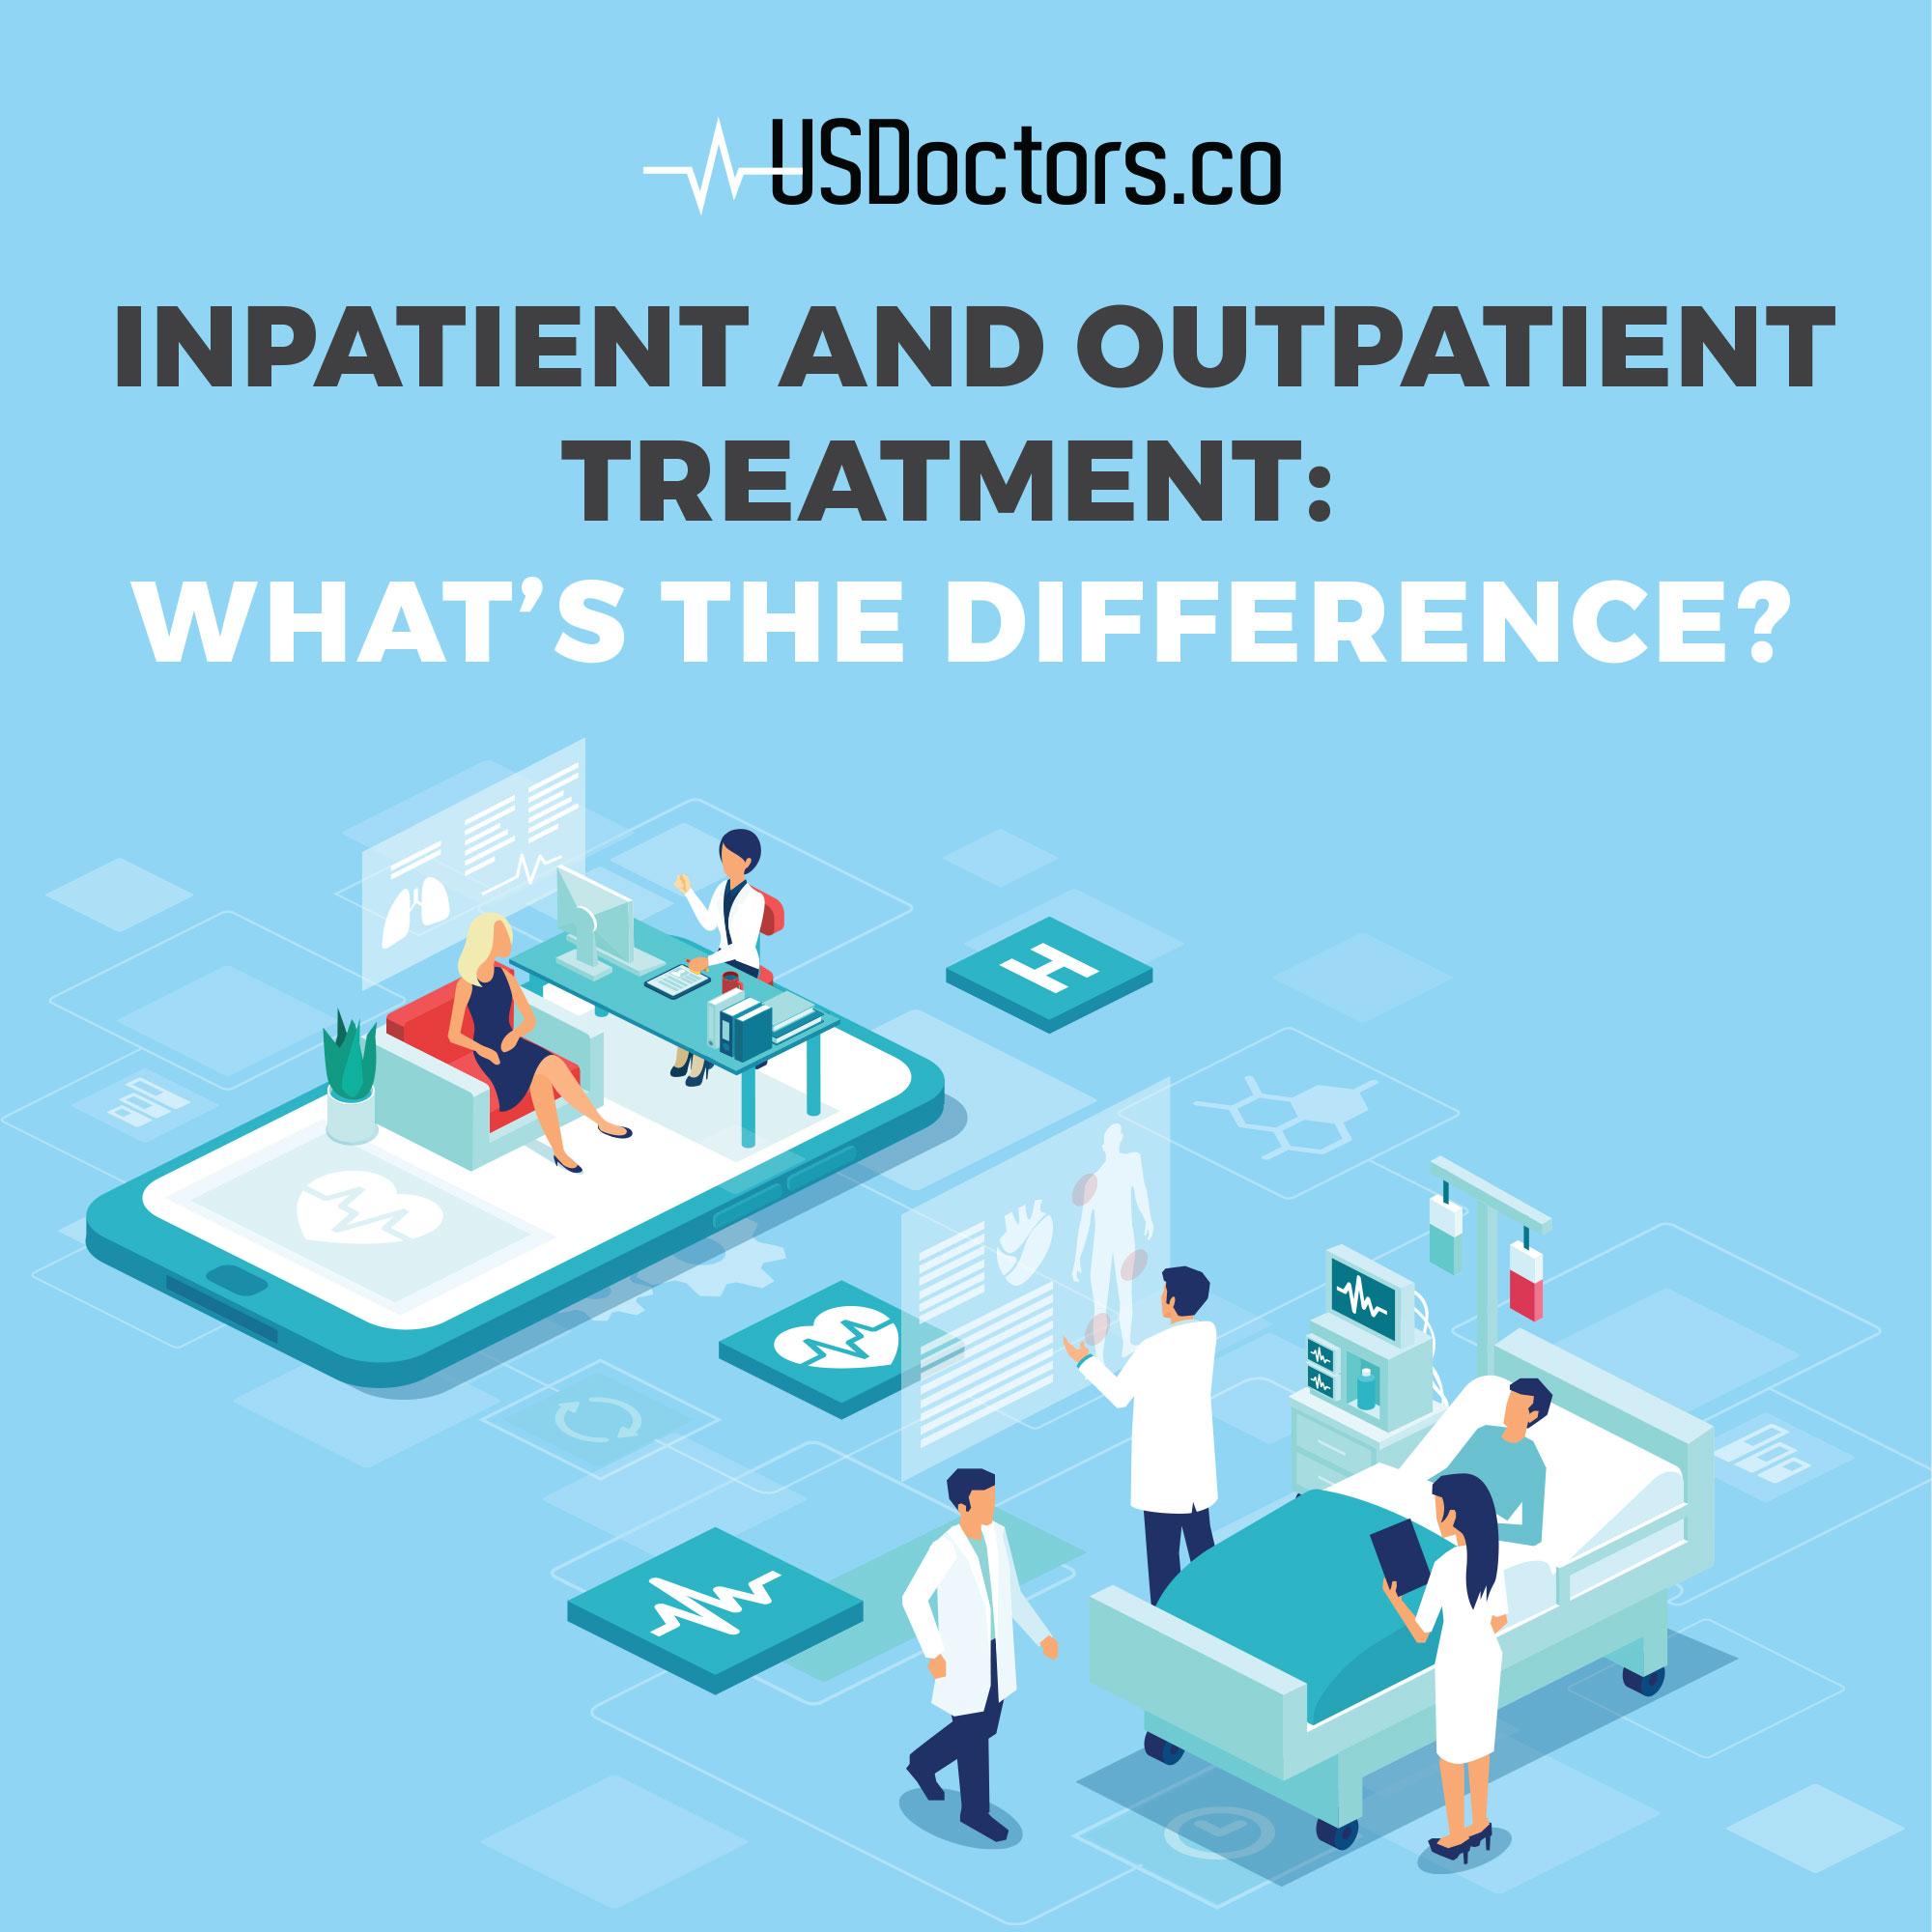 inpatient and outpatient treatment